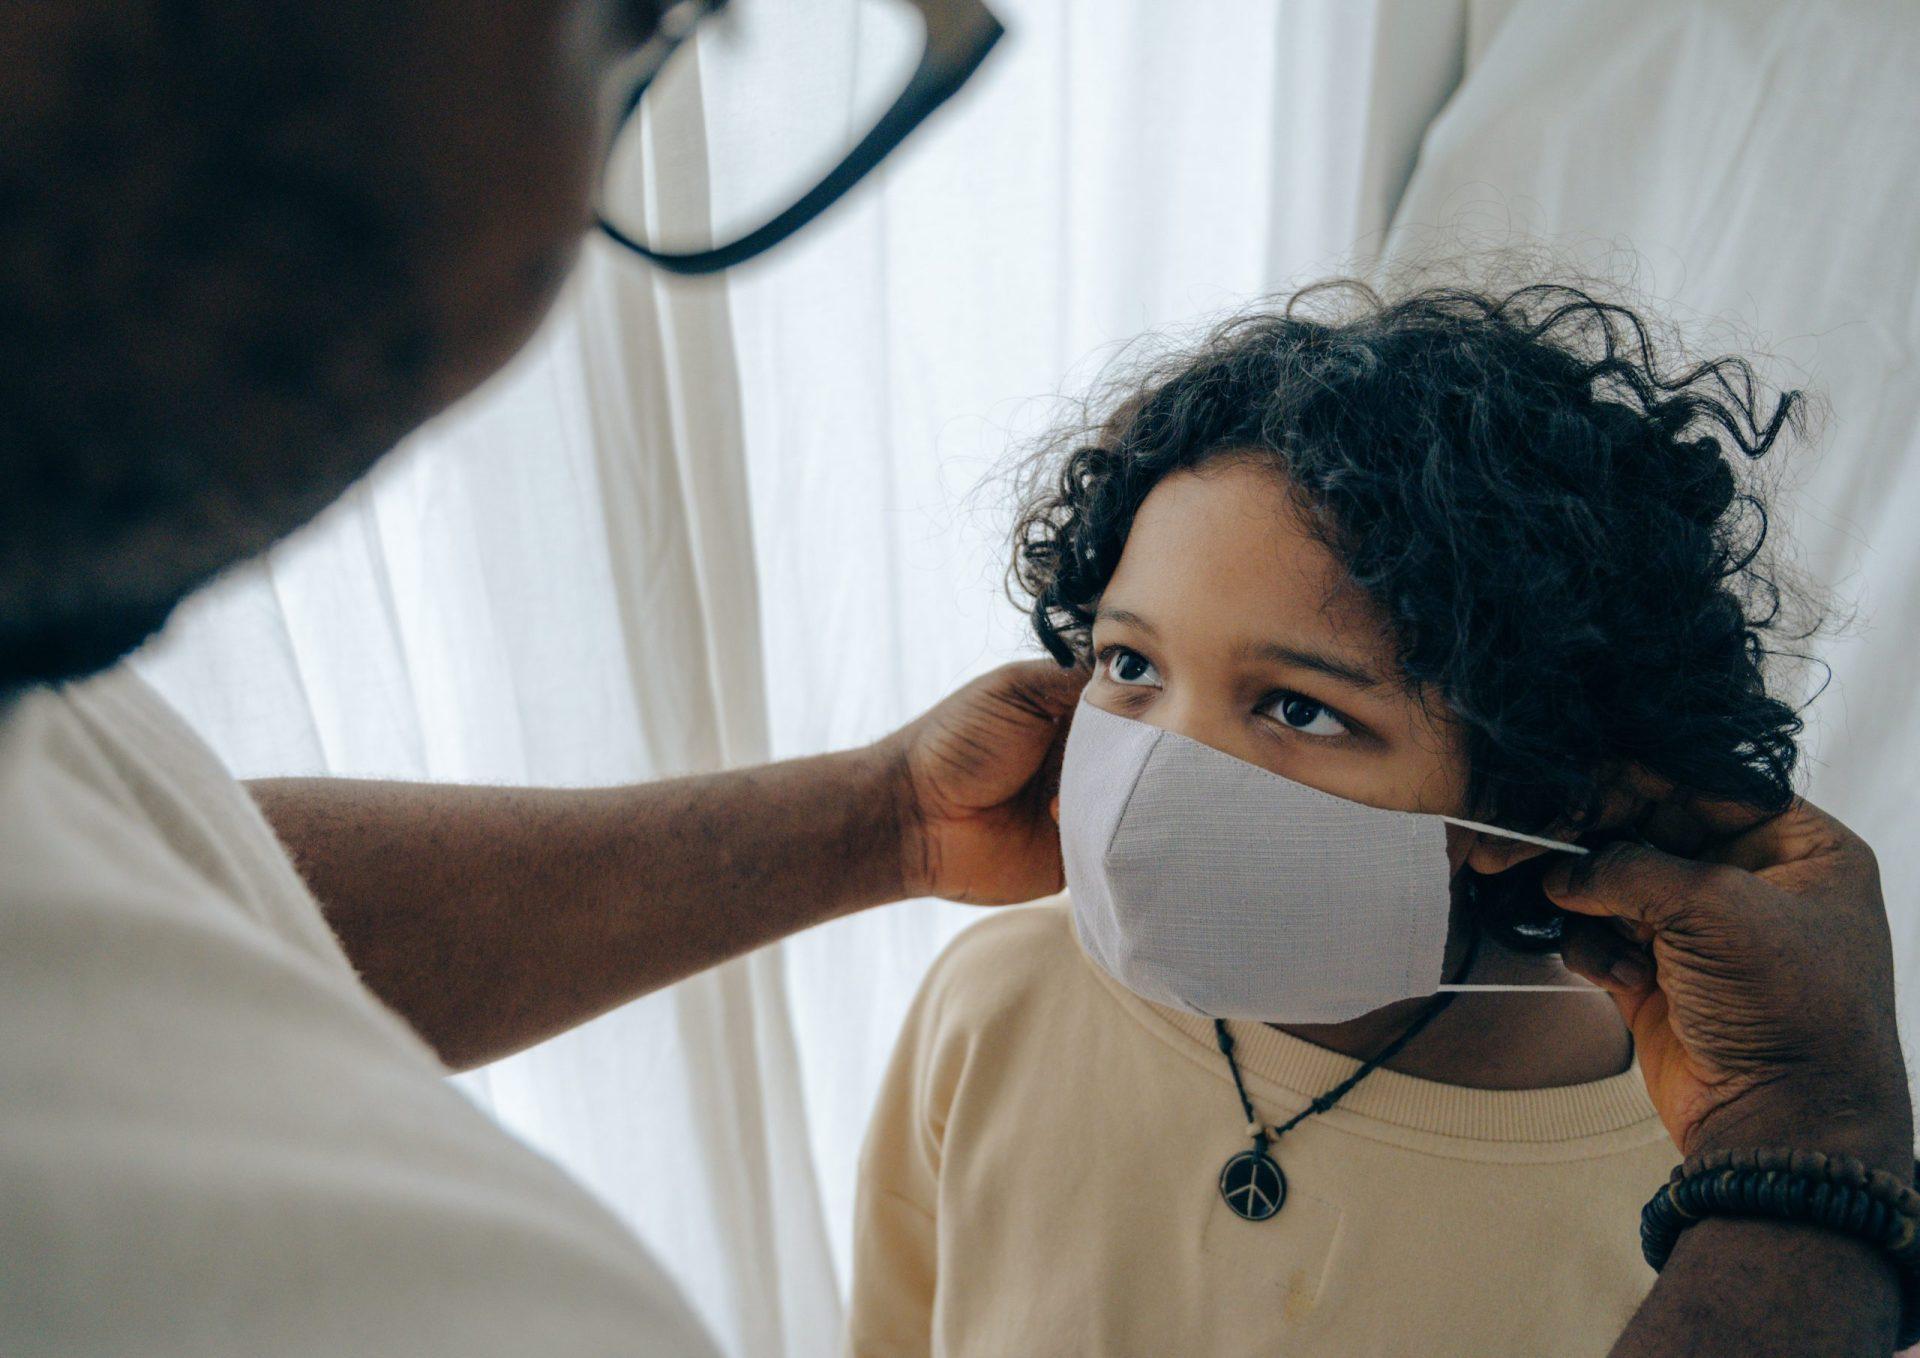 homem negro em primeiro plano coloca máscara facial cinza no rosto de uma criança negra